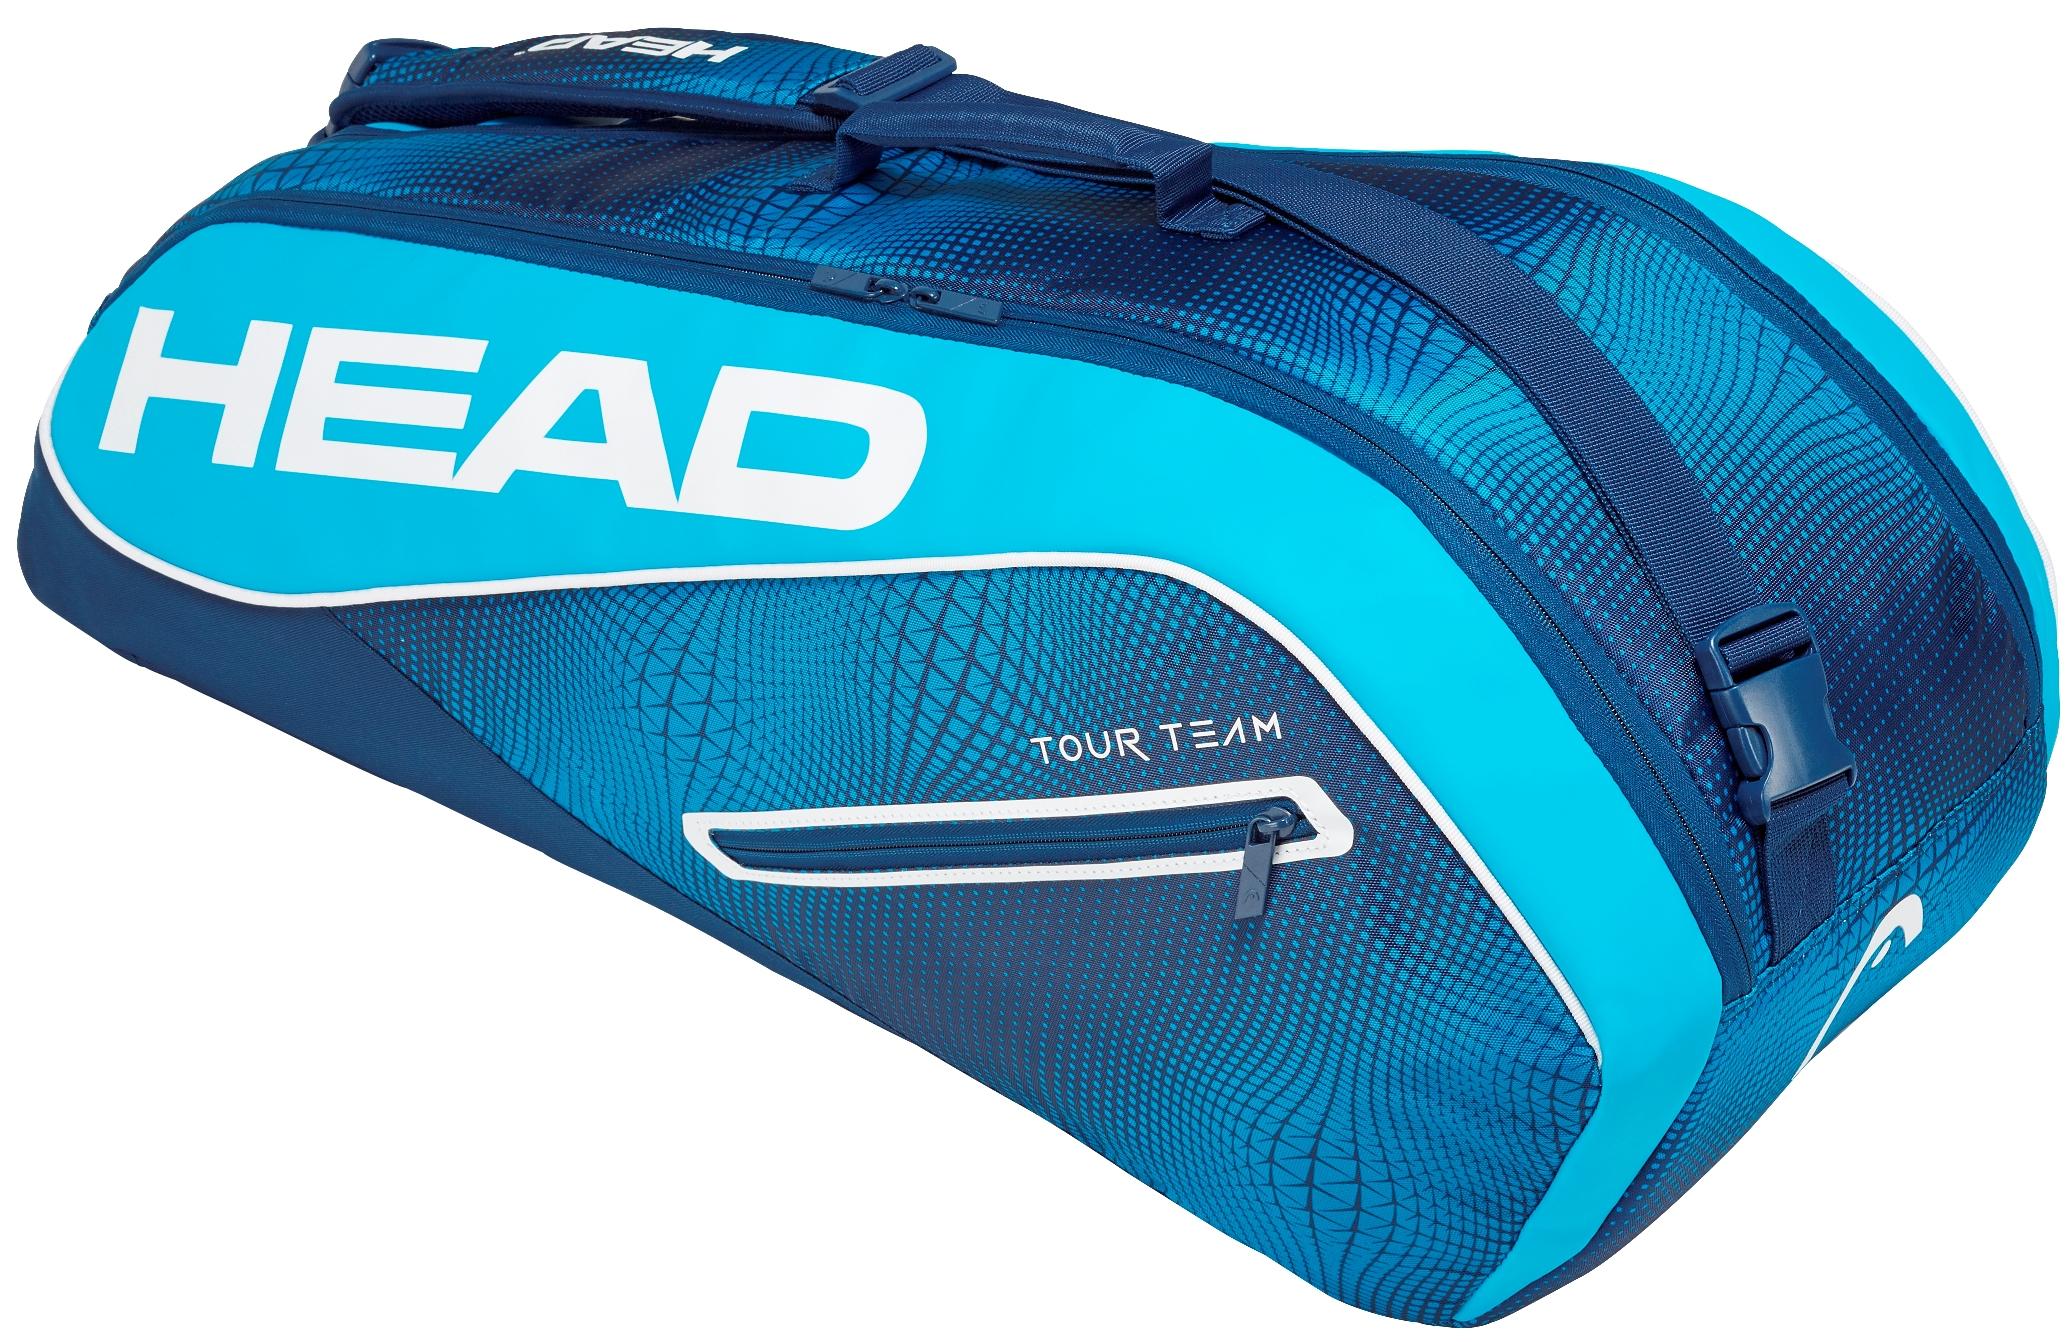 Head Tennis Bag >> Head Tour Team 6r Combi Tennis Bag Navy Blue 69 95